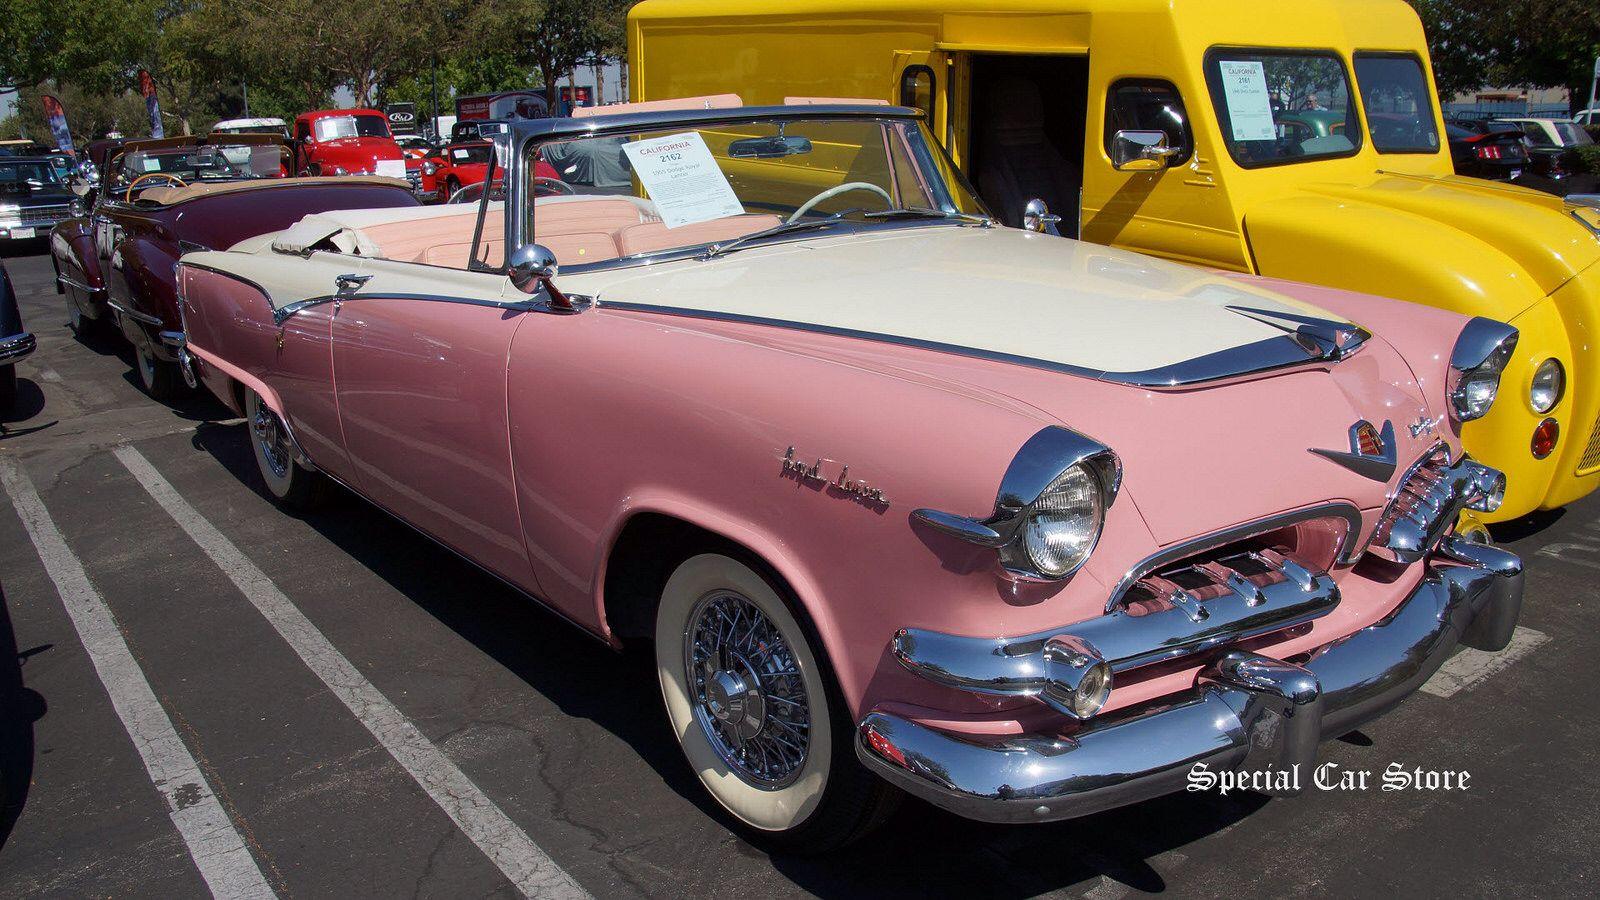 1955 dodge royal barn find for sale - 1955 Dodge Royal Lancer 1955 Dodge Royal And Custom Royal Pinterest Cars And Mopar